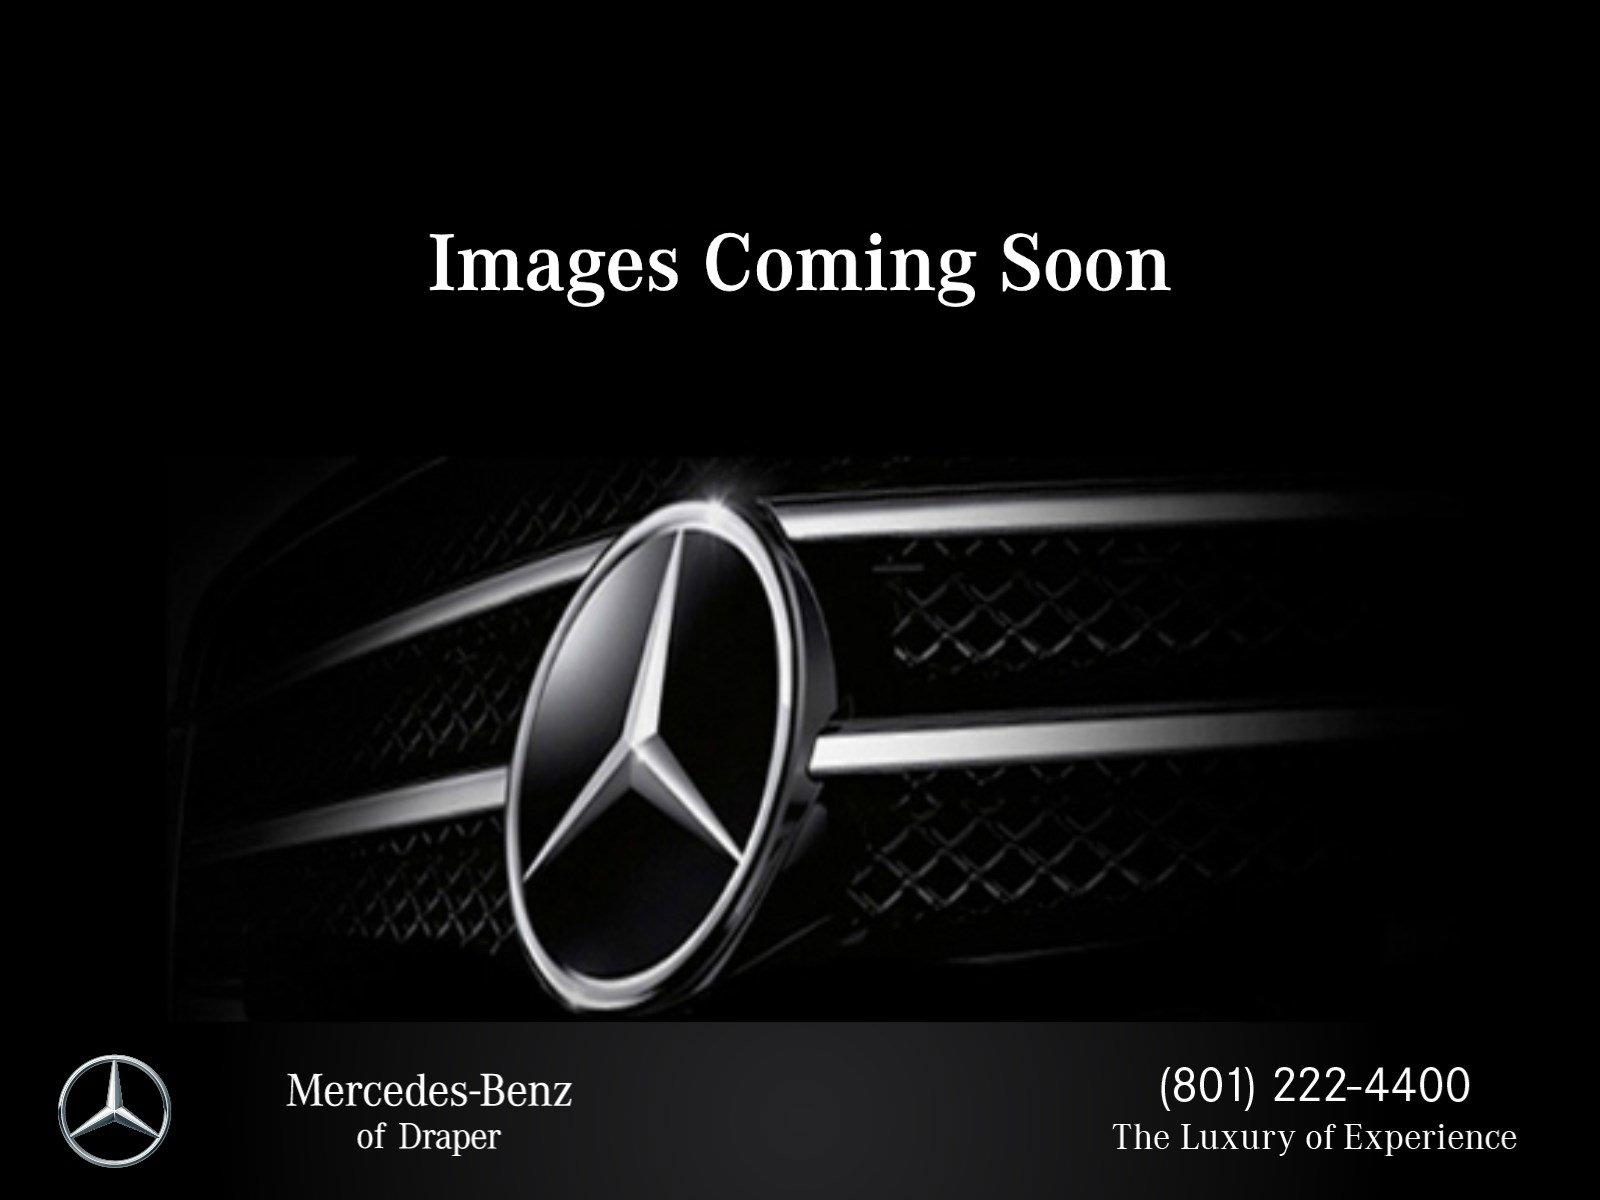 New 2020 Mercedes-Benz Sprinter Full-size Passenger Vans High Roof 4X4